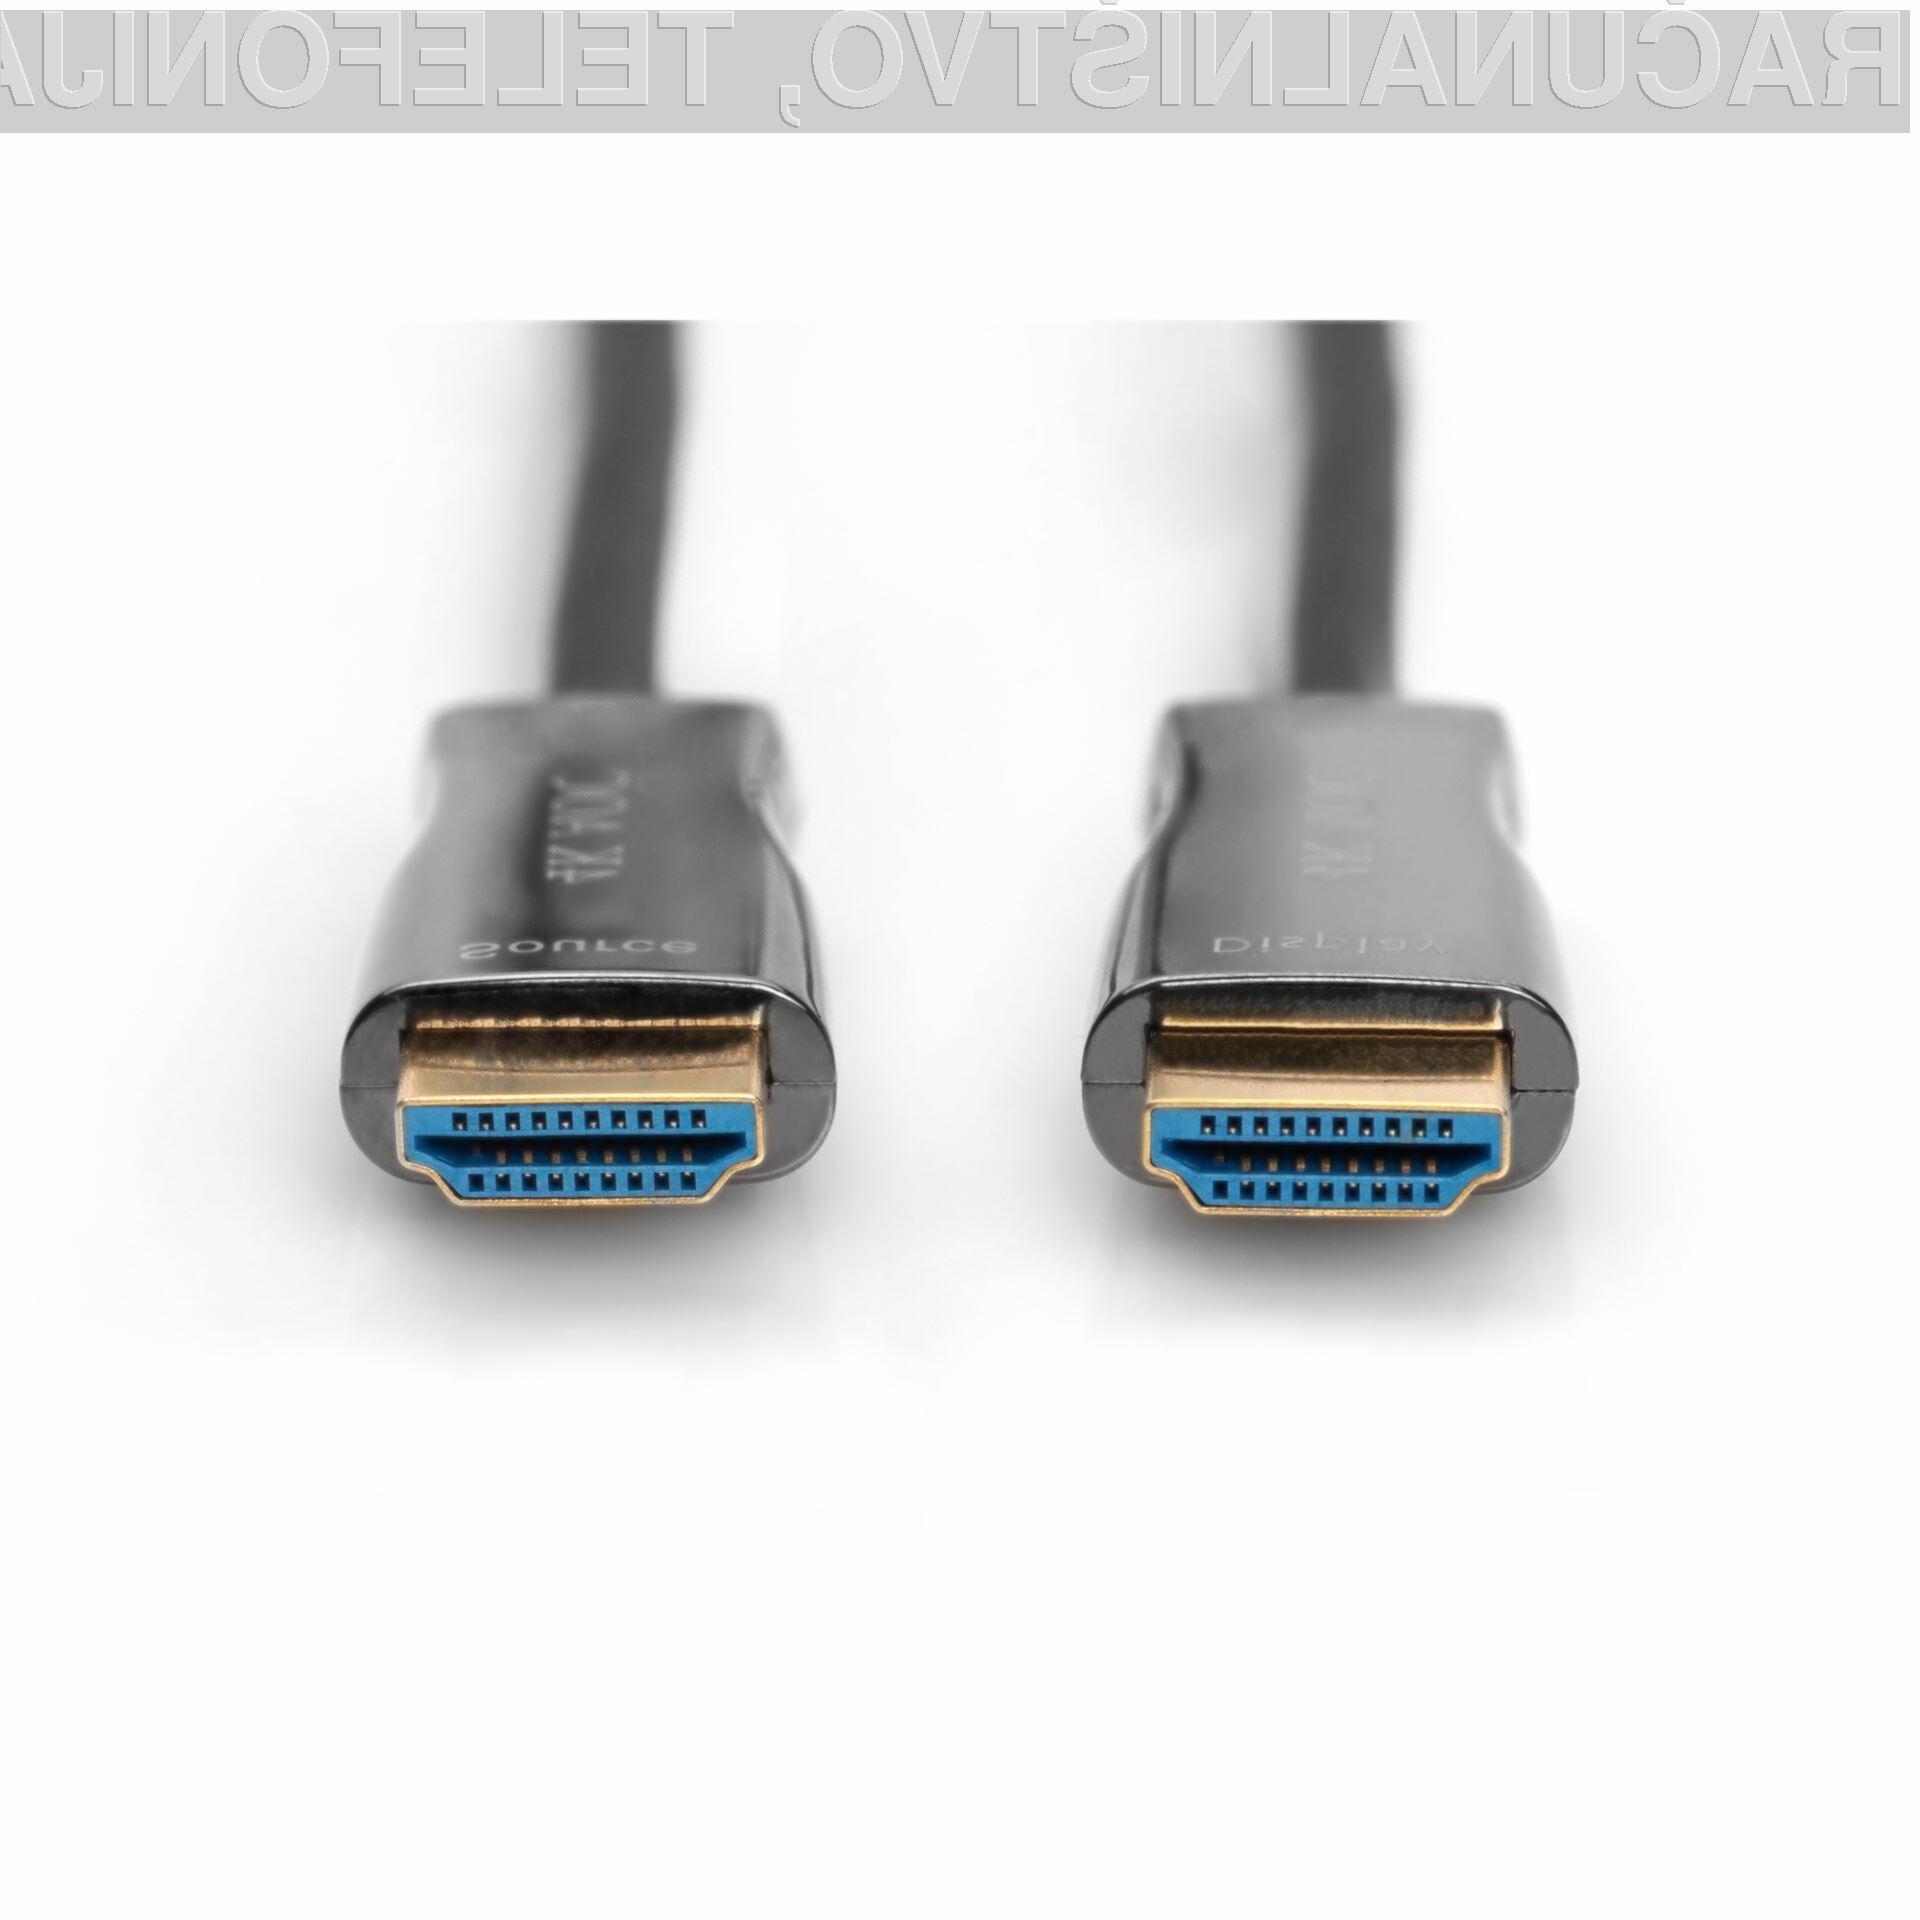 Hibridni optični HDMI kabel zagotavlja prenos brez izgub po celotni dolžini.